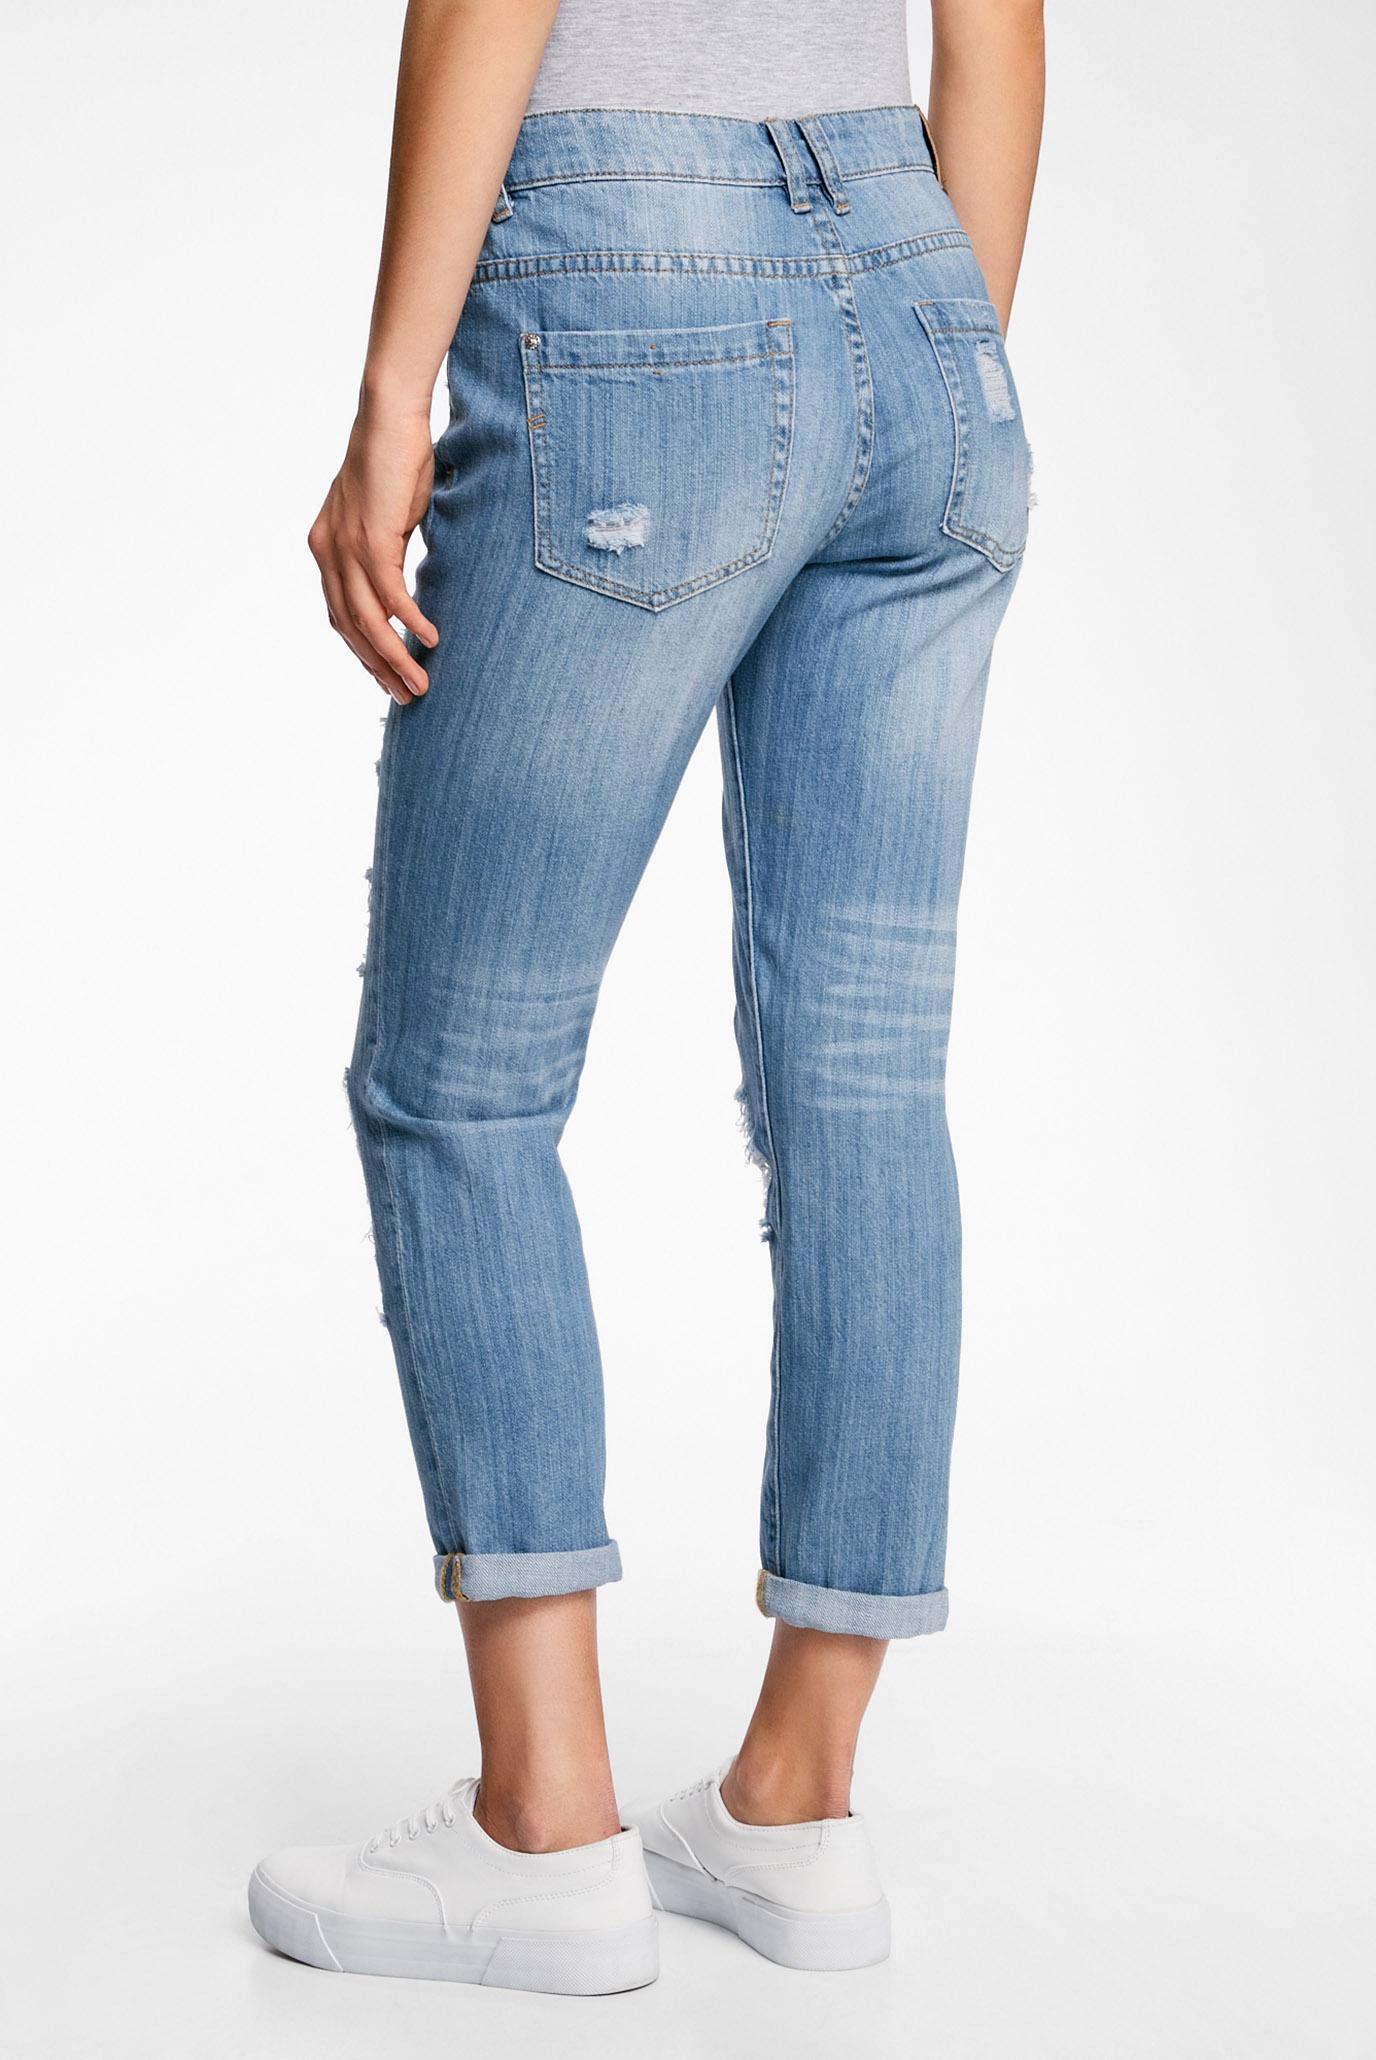 джинсы женские купить в москве